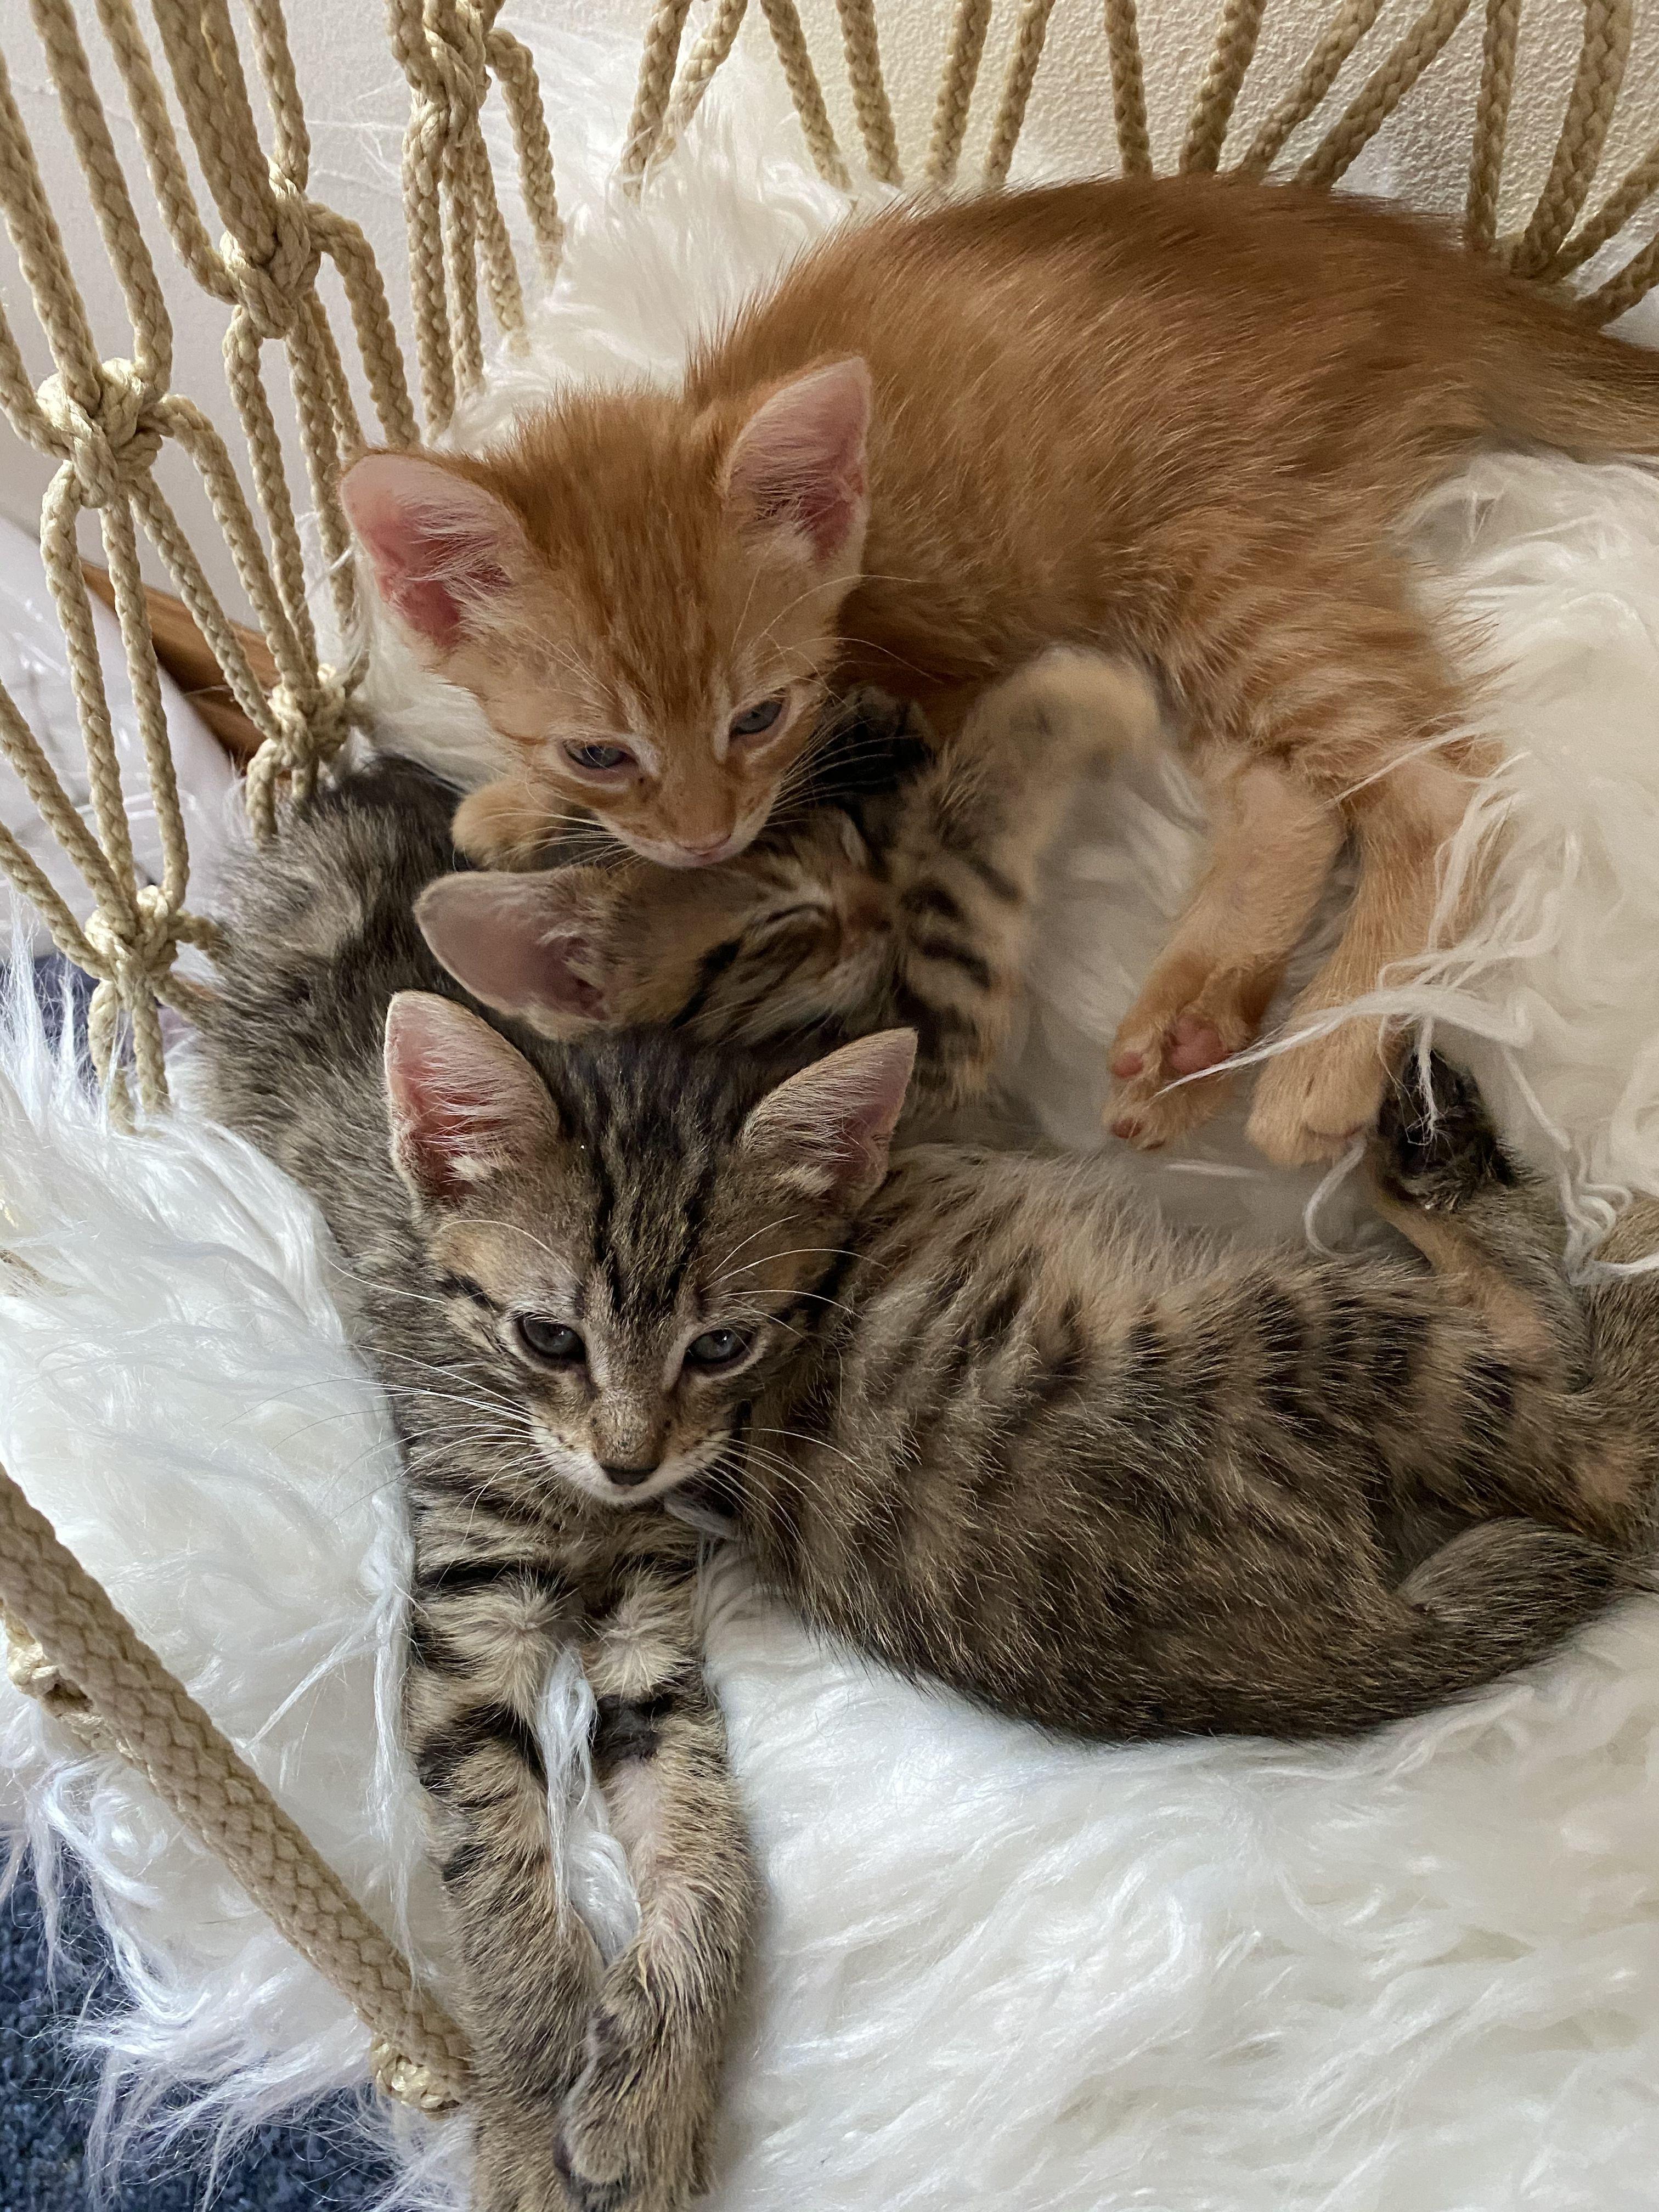 Kittens In A Hammock In 2020 Cat Hammock Kittens Cutest Cats